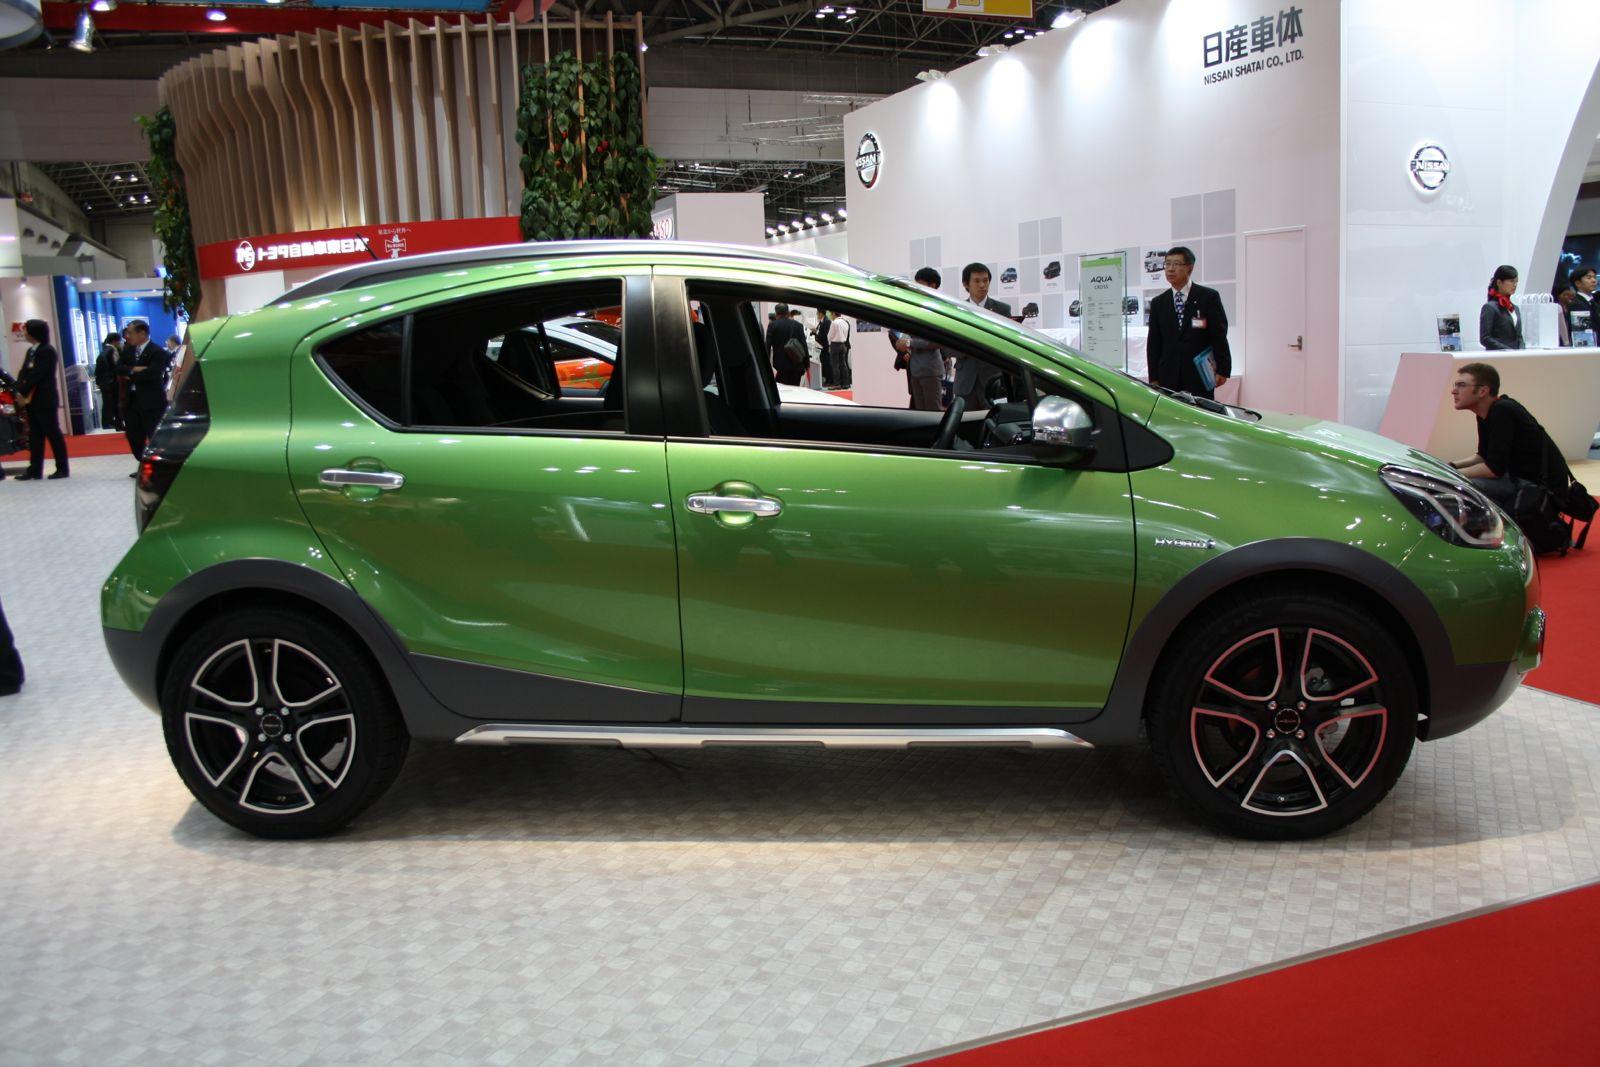 Toyota Aqua Cross side